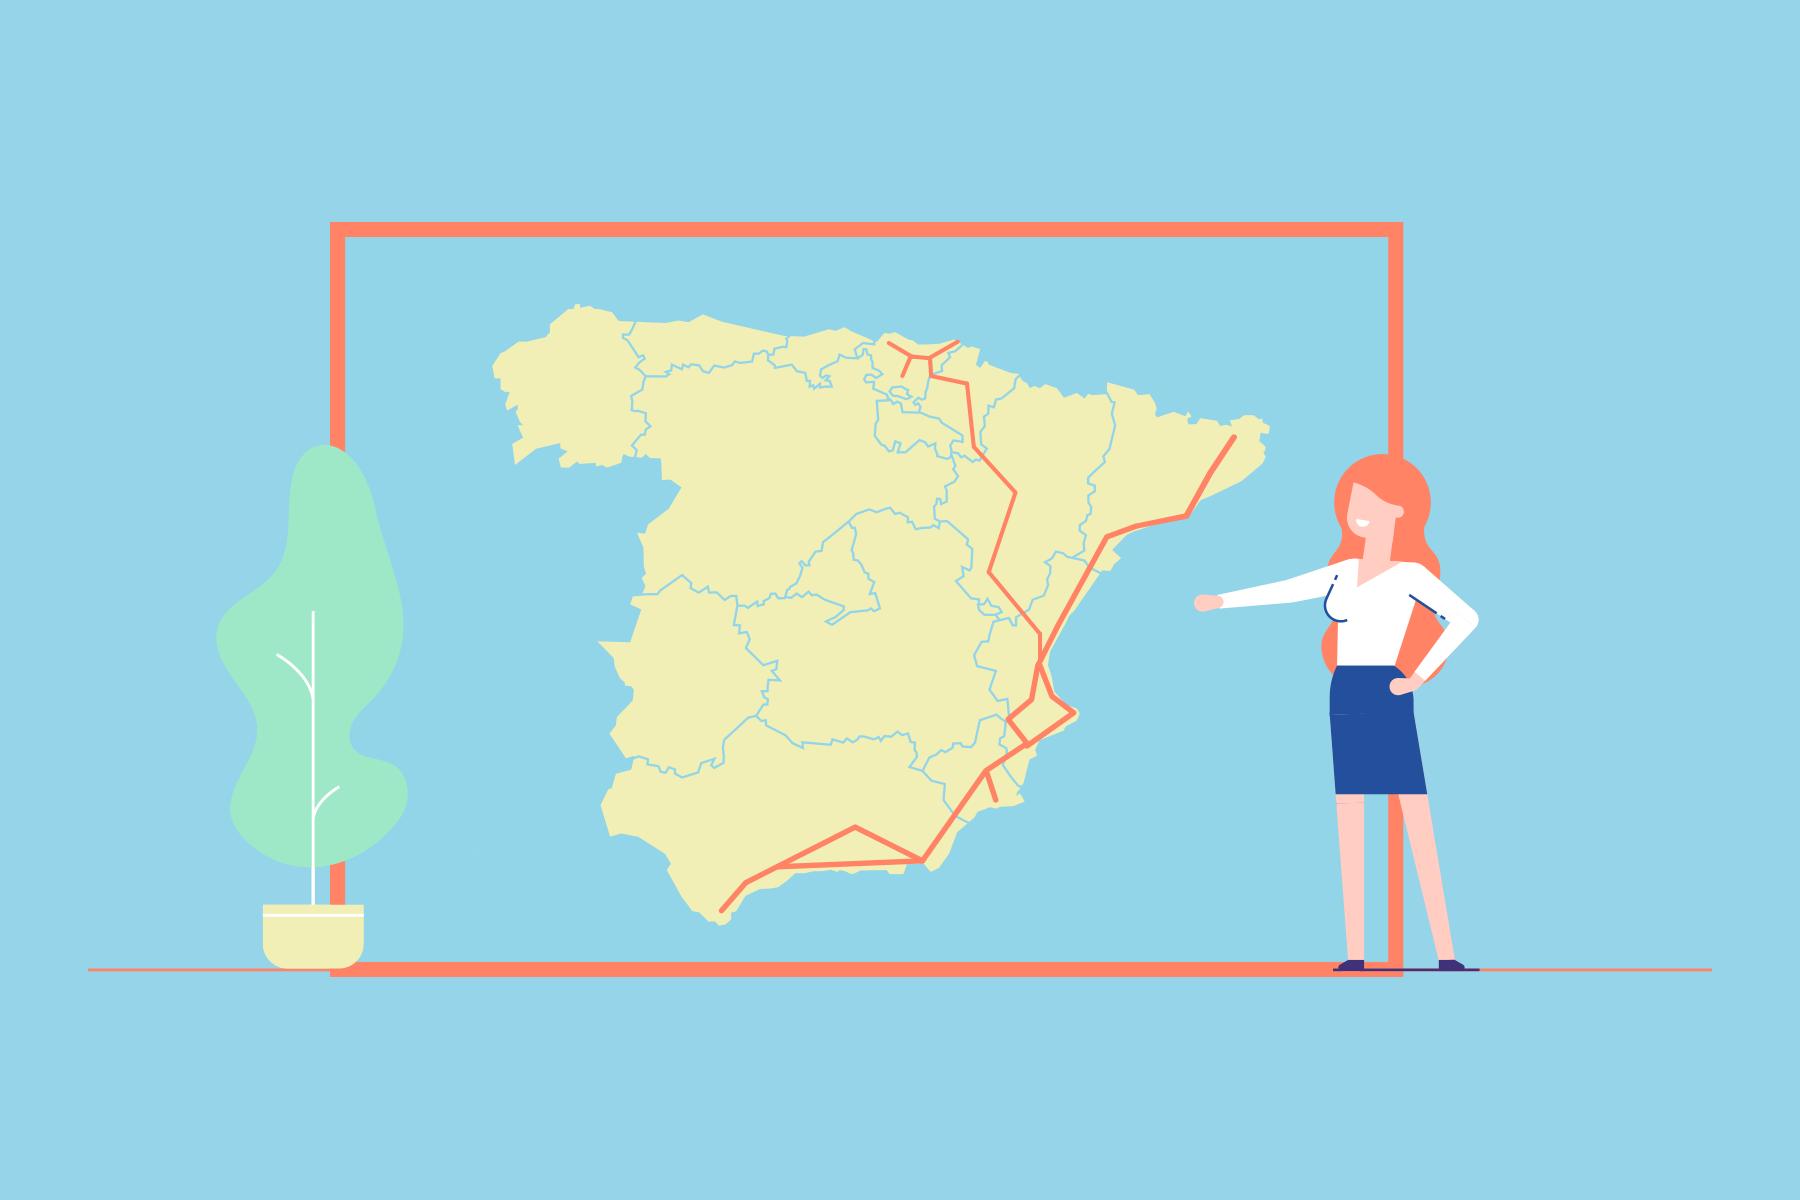 La jornada 'Cruce de Corredores' une al grito #QuieroCorredor a empresarios de norte, sur y este